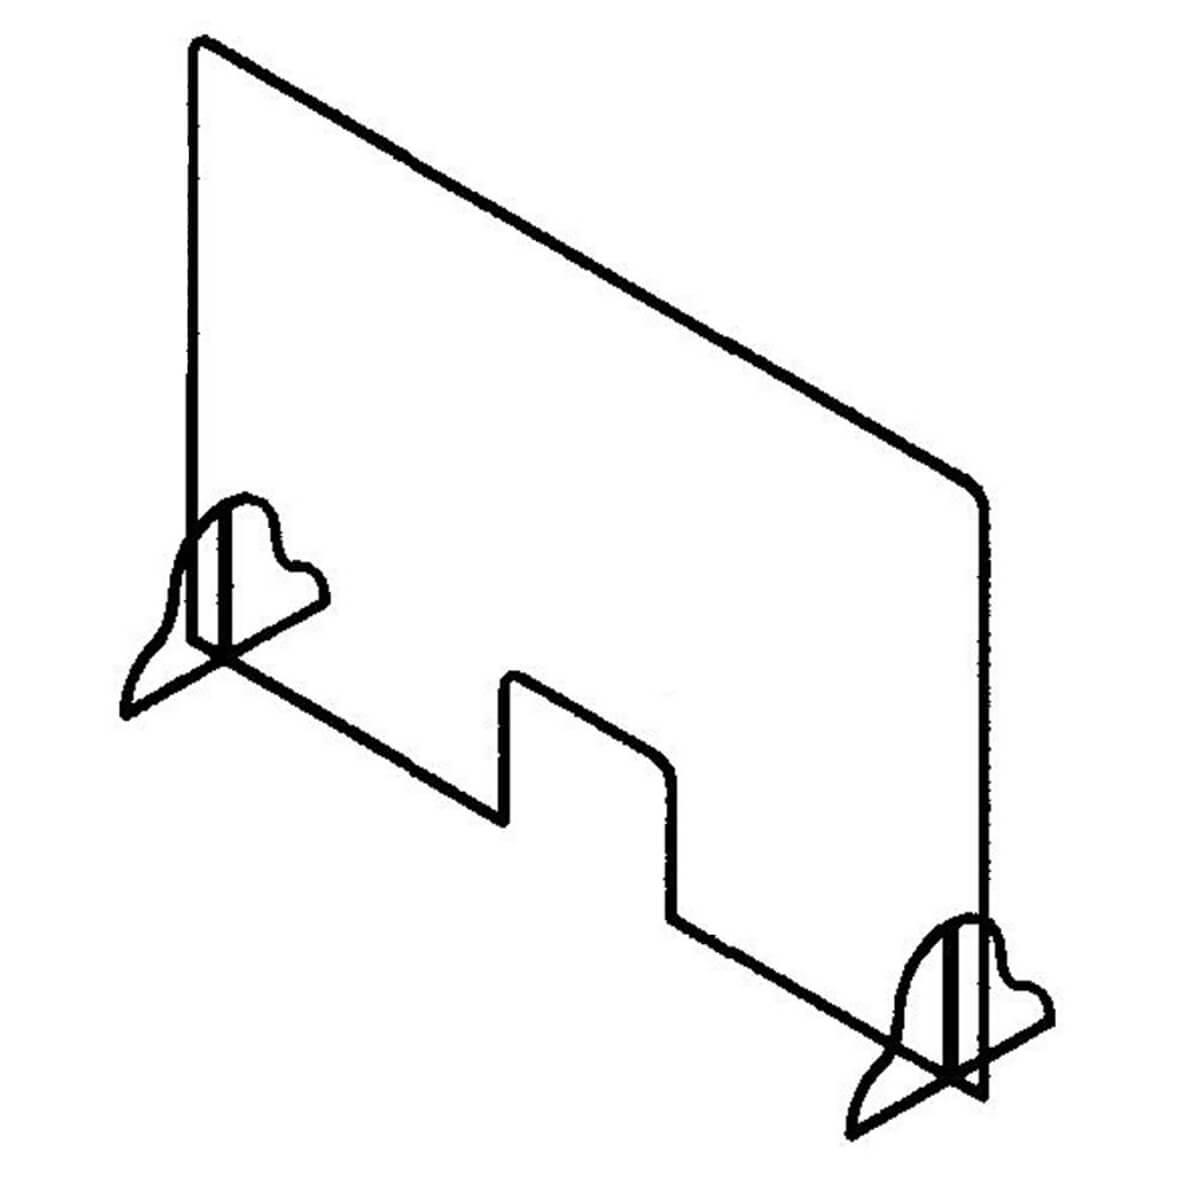 QX Protection plexiglas de qualit/é sup/érieure en Verre Acrylique Paroi de Protection en plexiglas Transparent 50x80cm Plaque de Protection Contre Les Virus